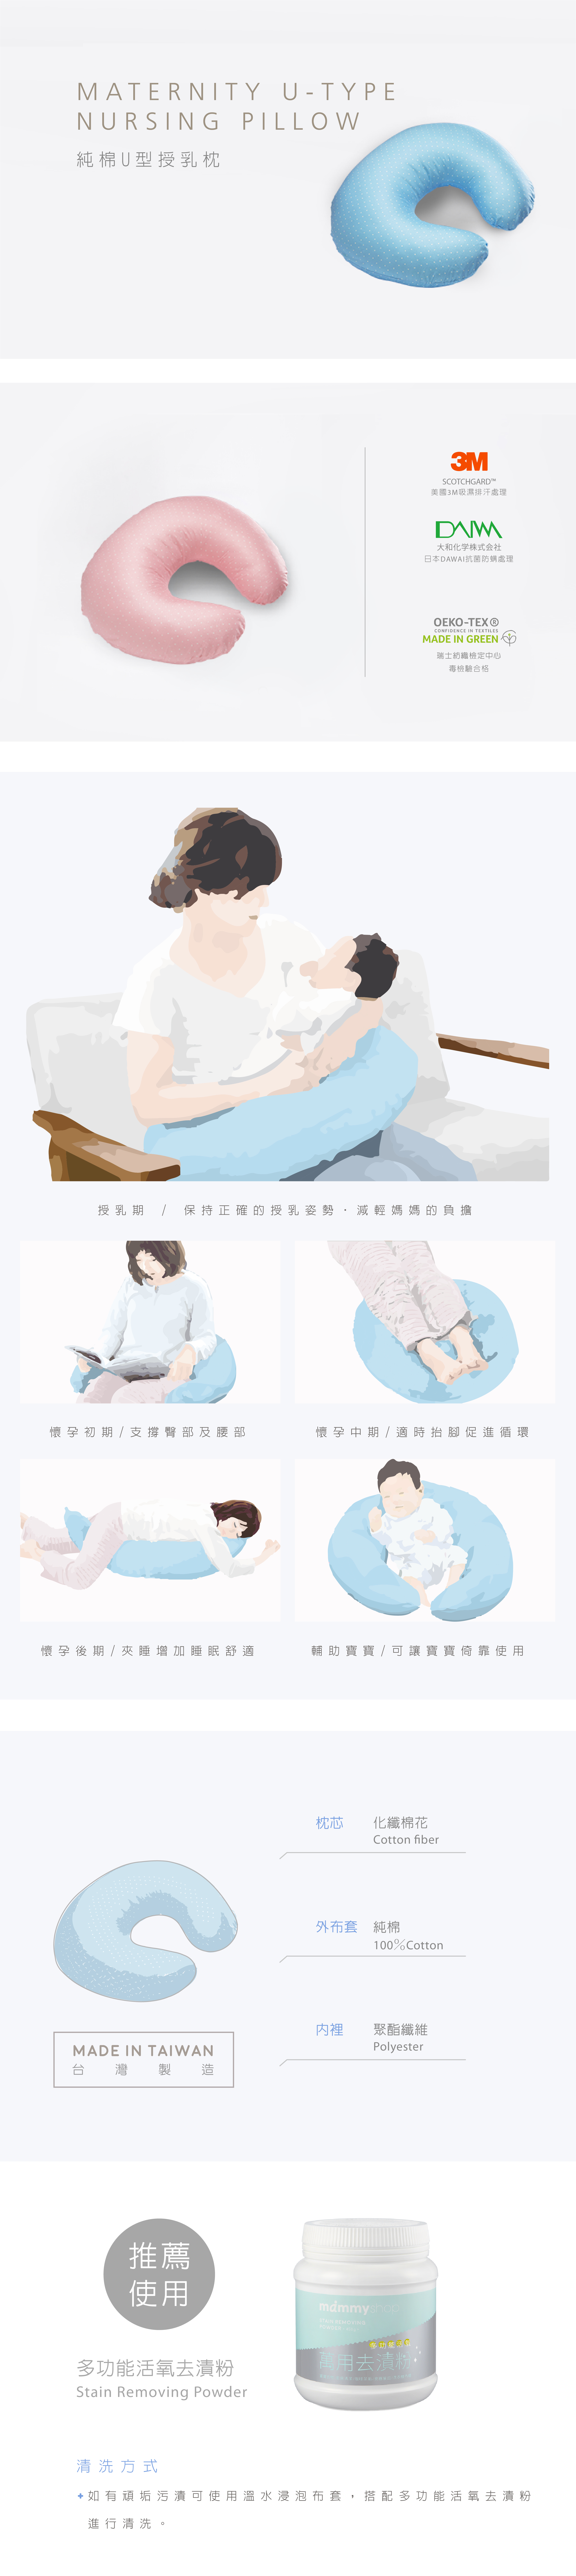 U型授乳枕-純棉-商品介紹-藍